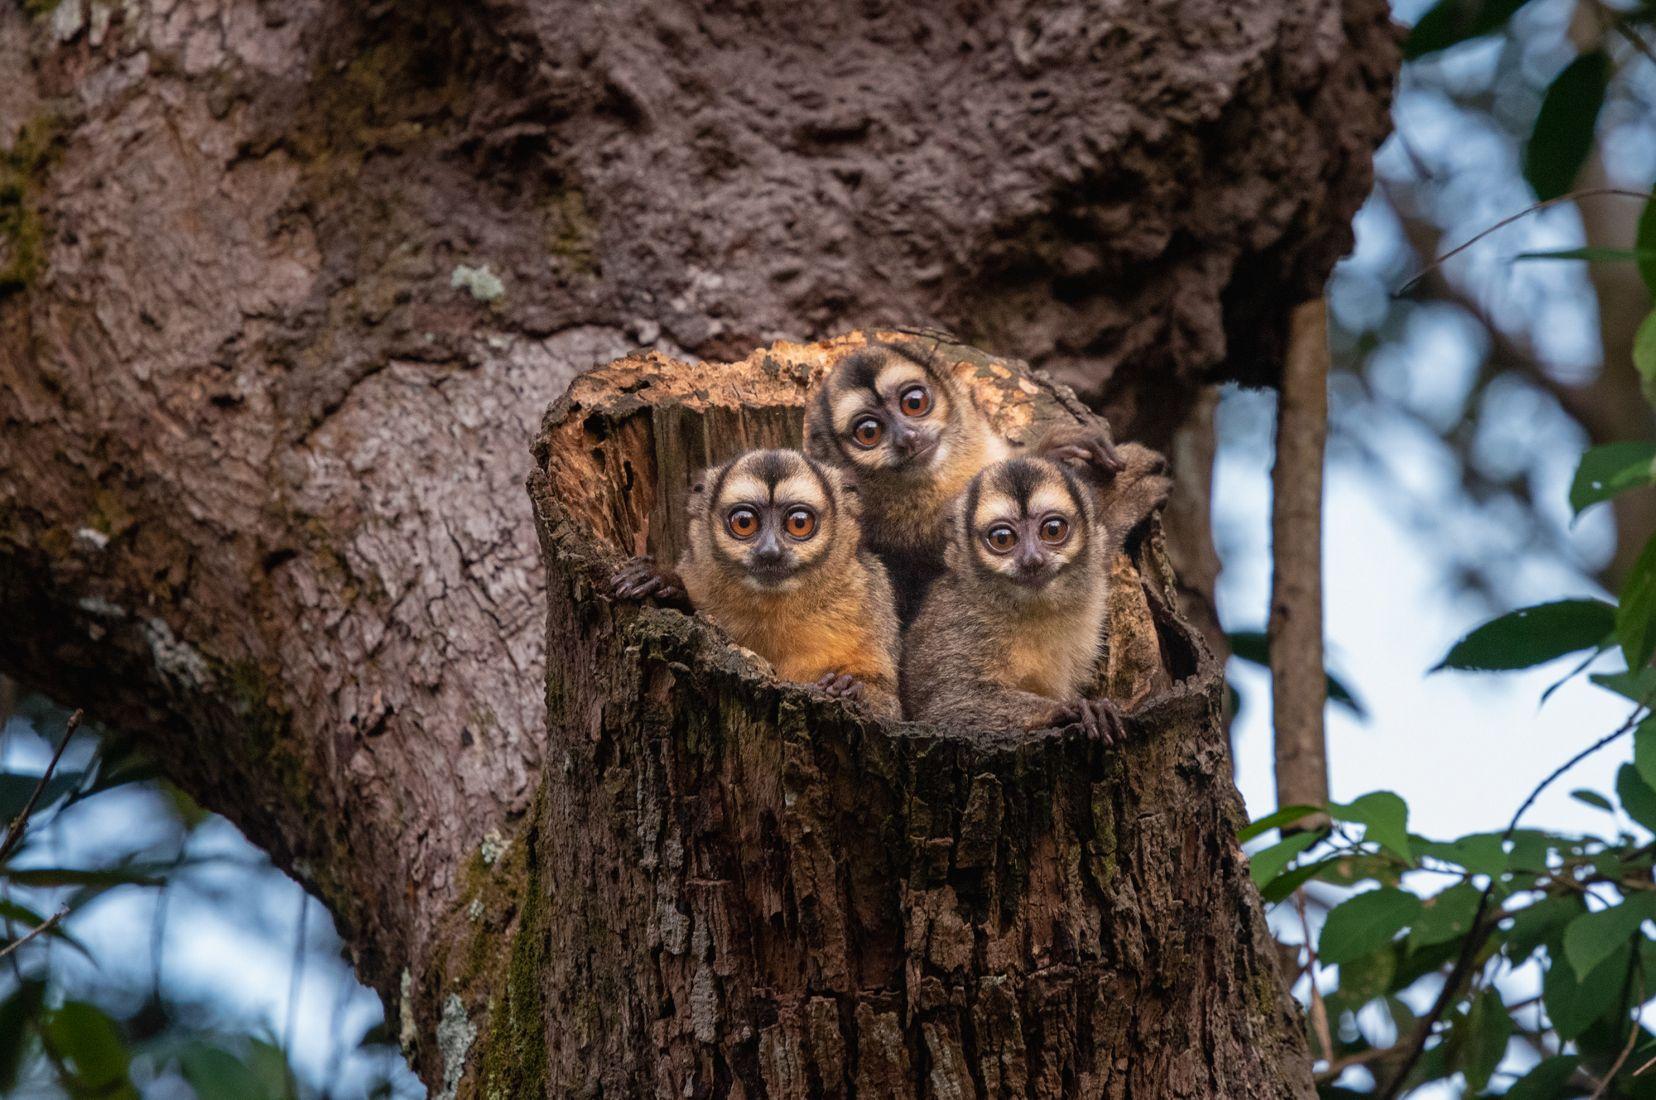 Tres monos nocturnos emergen sus cabezas con sus grandes ojos del tronco de un árbol en Villaviencio, Colombia, 2019